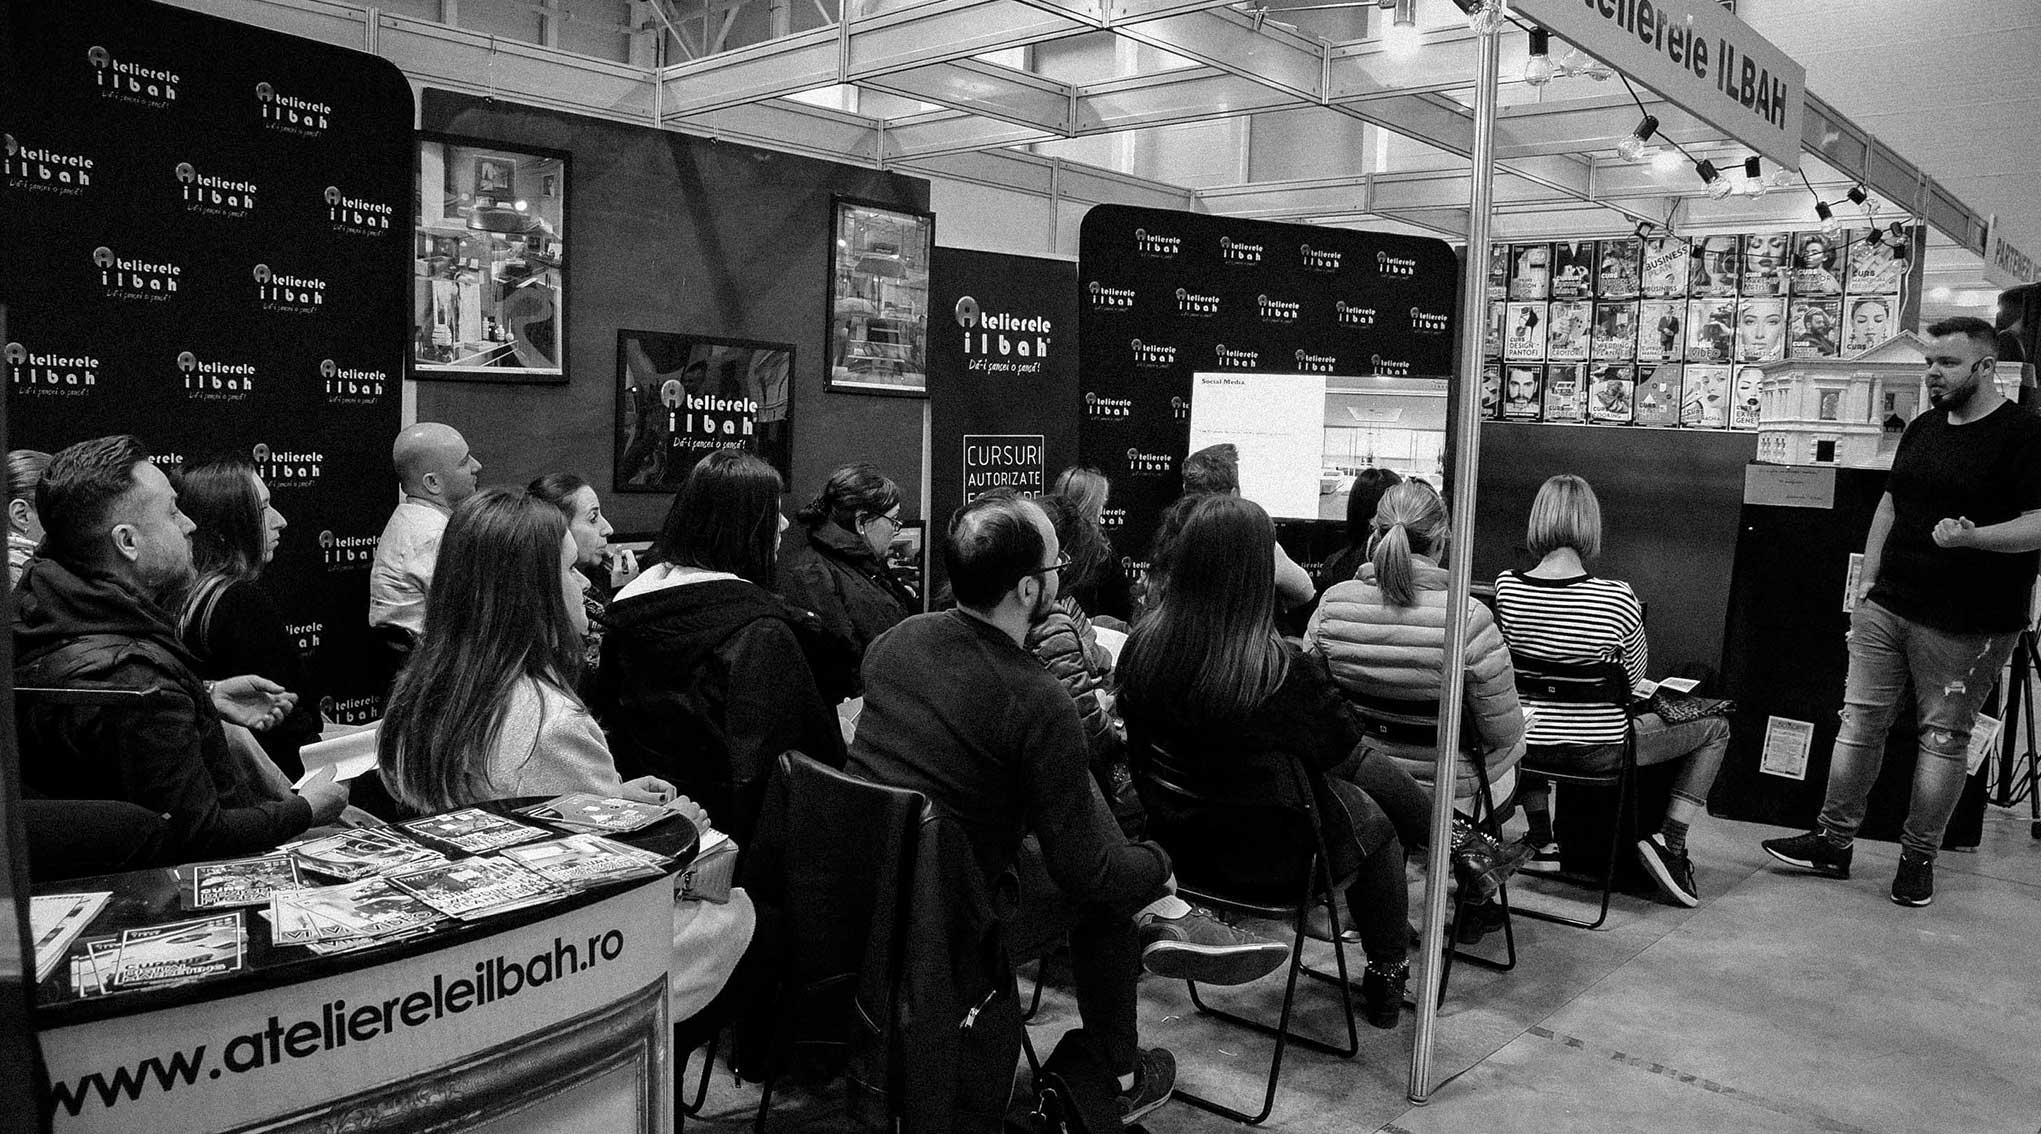 workshop-uri-demonstratii-si-conferinte-marca-atelierele-ilbah-pe-parcursul-a-4-zile-in-cadrul-romexpo-15